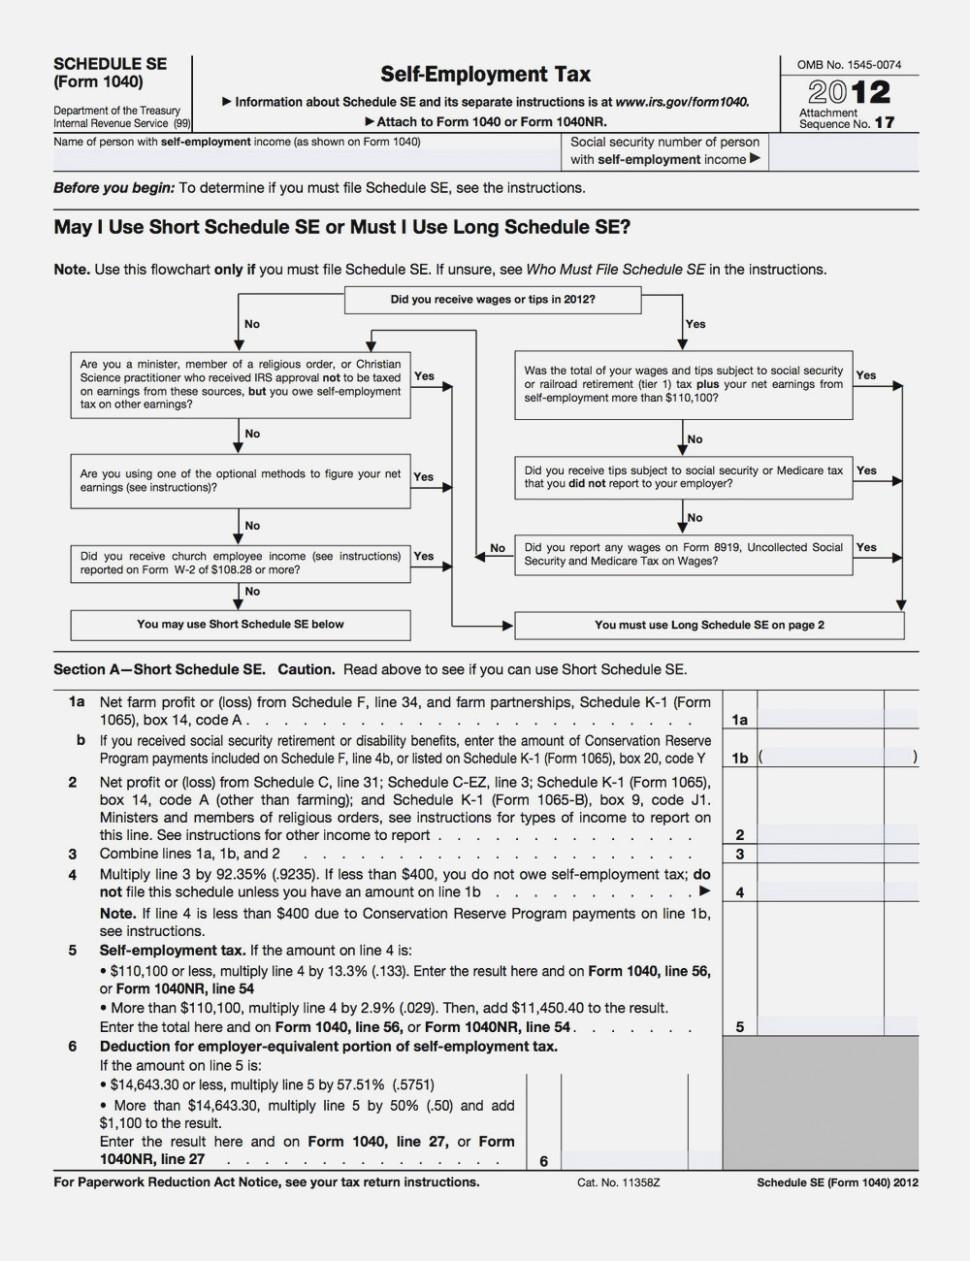 1040ez Form 2012 Instructions